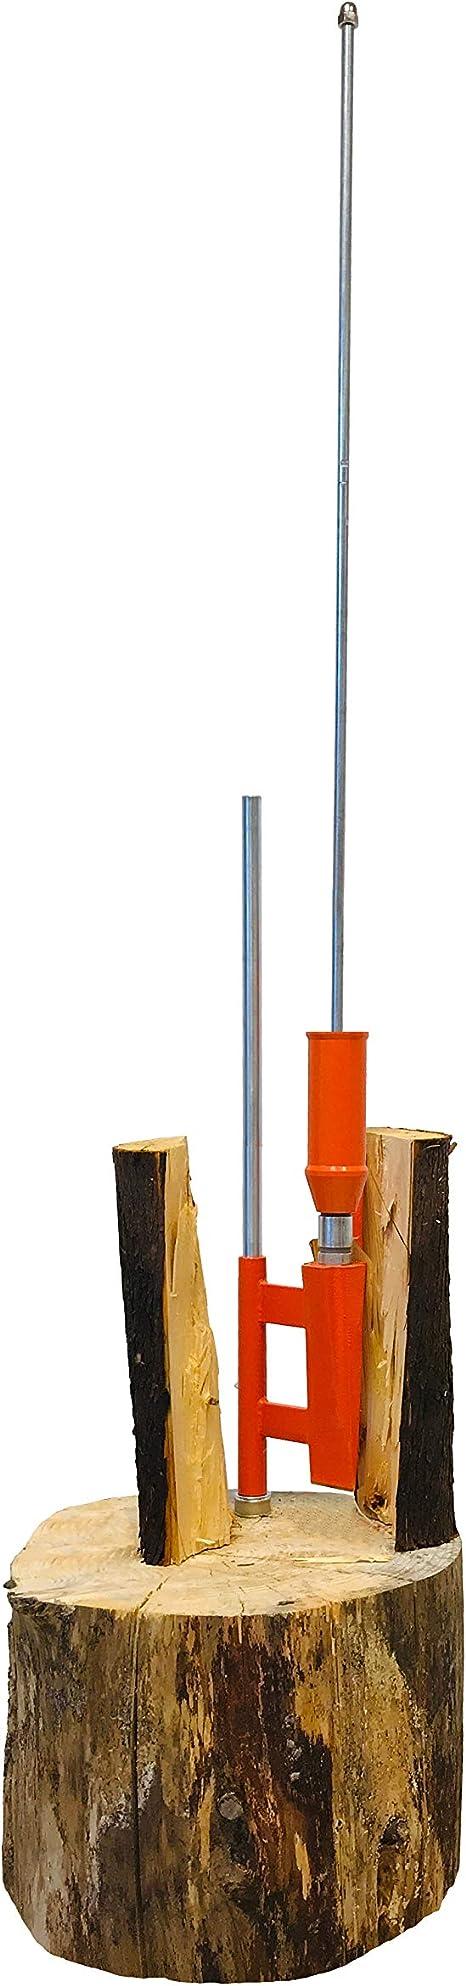 Timber Tuff TMW-11 Manual Log Splitter Renewed Green